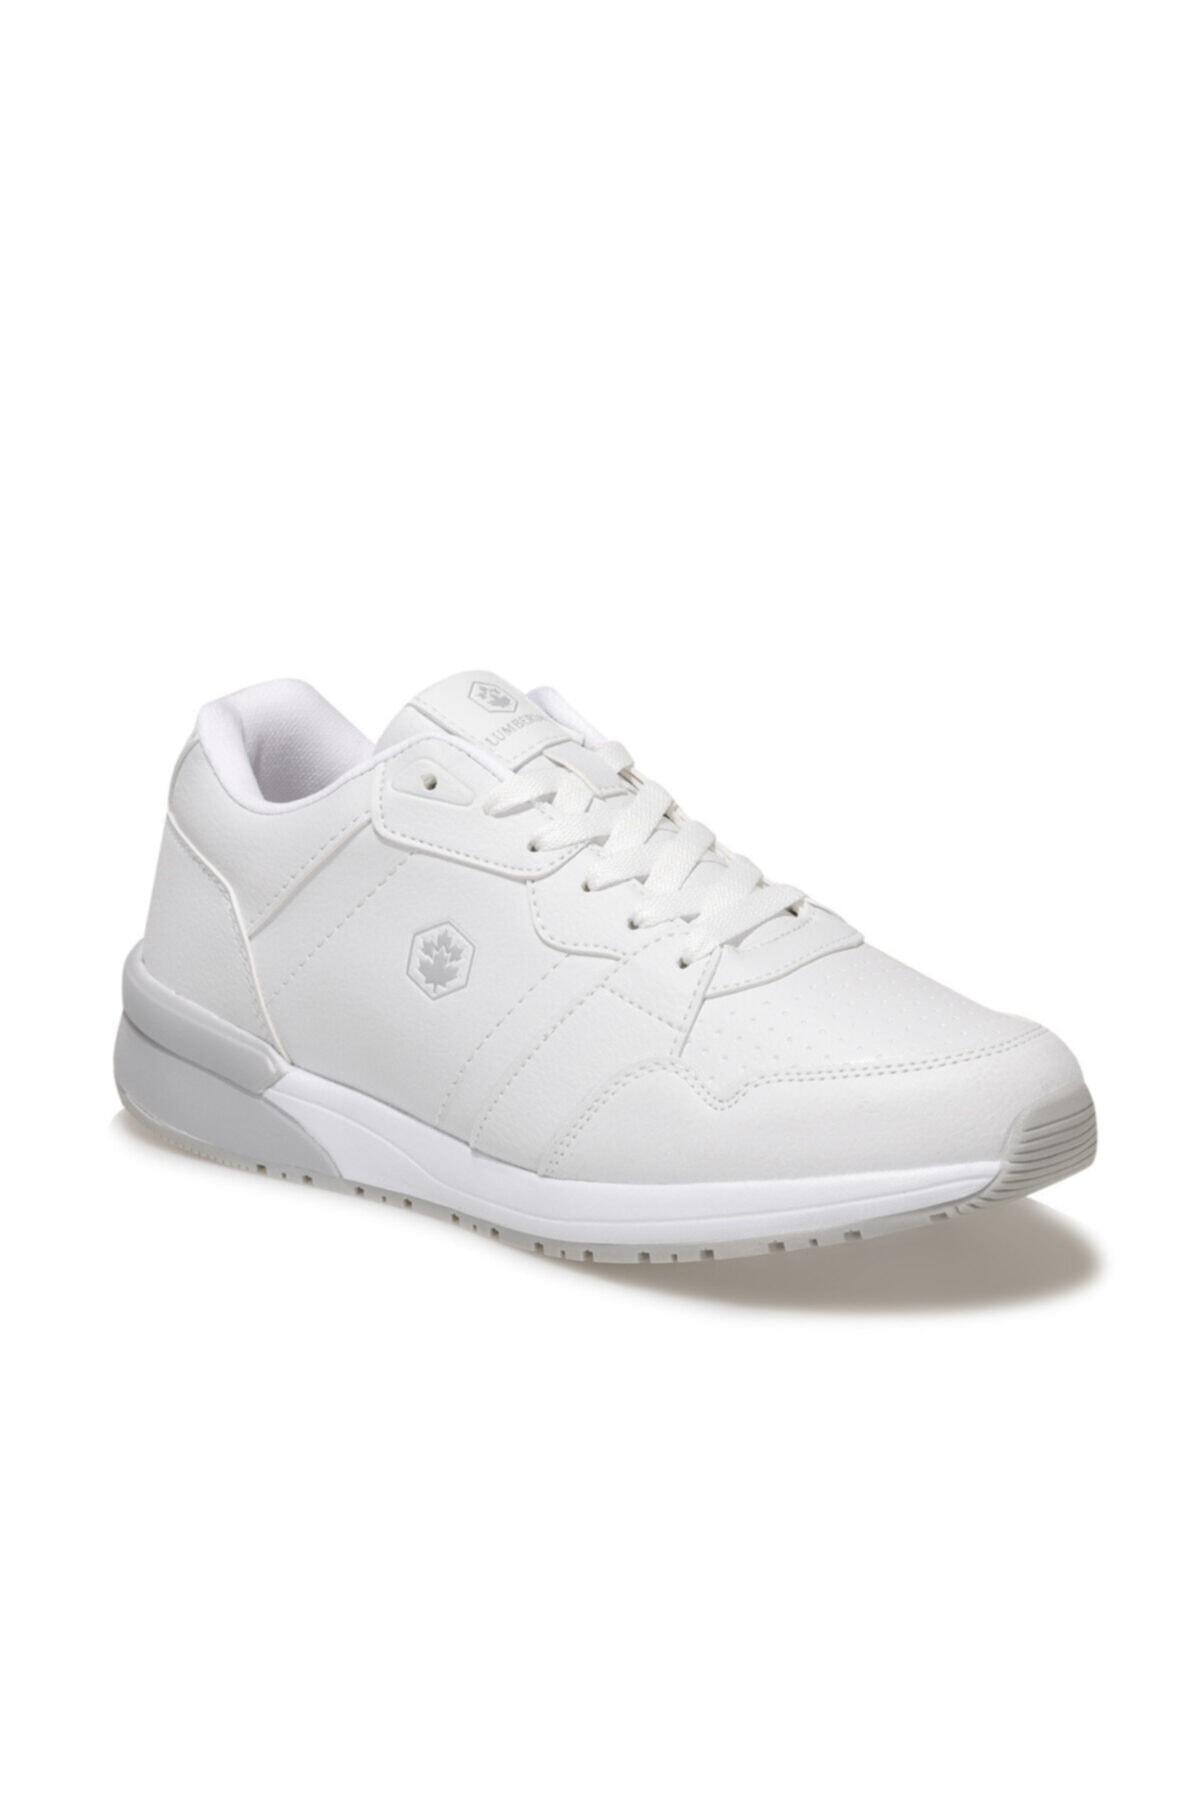 lumberjack MYKONOS Beyaz Erkek Sneaker Ayakkabı 100557573 1